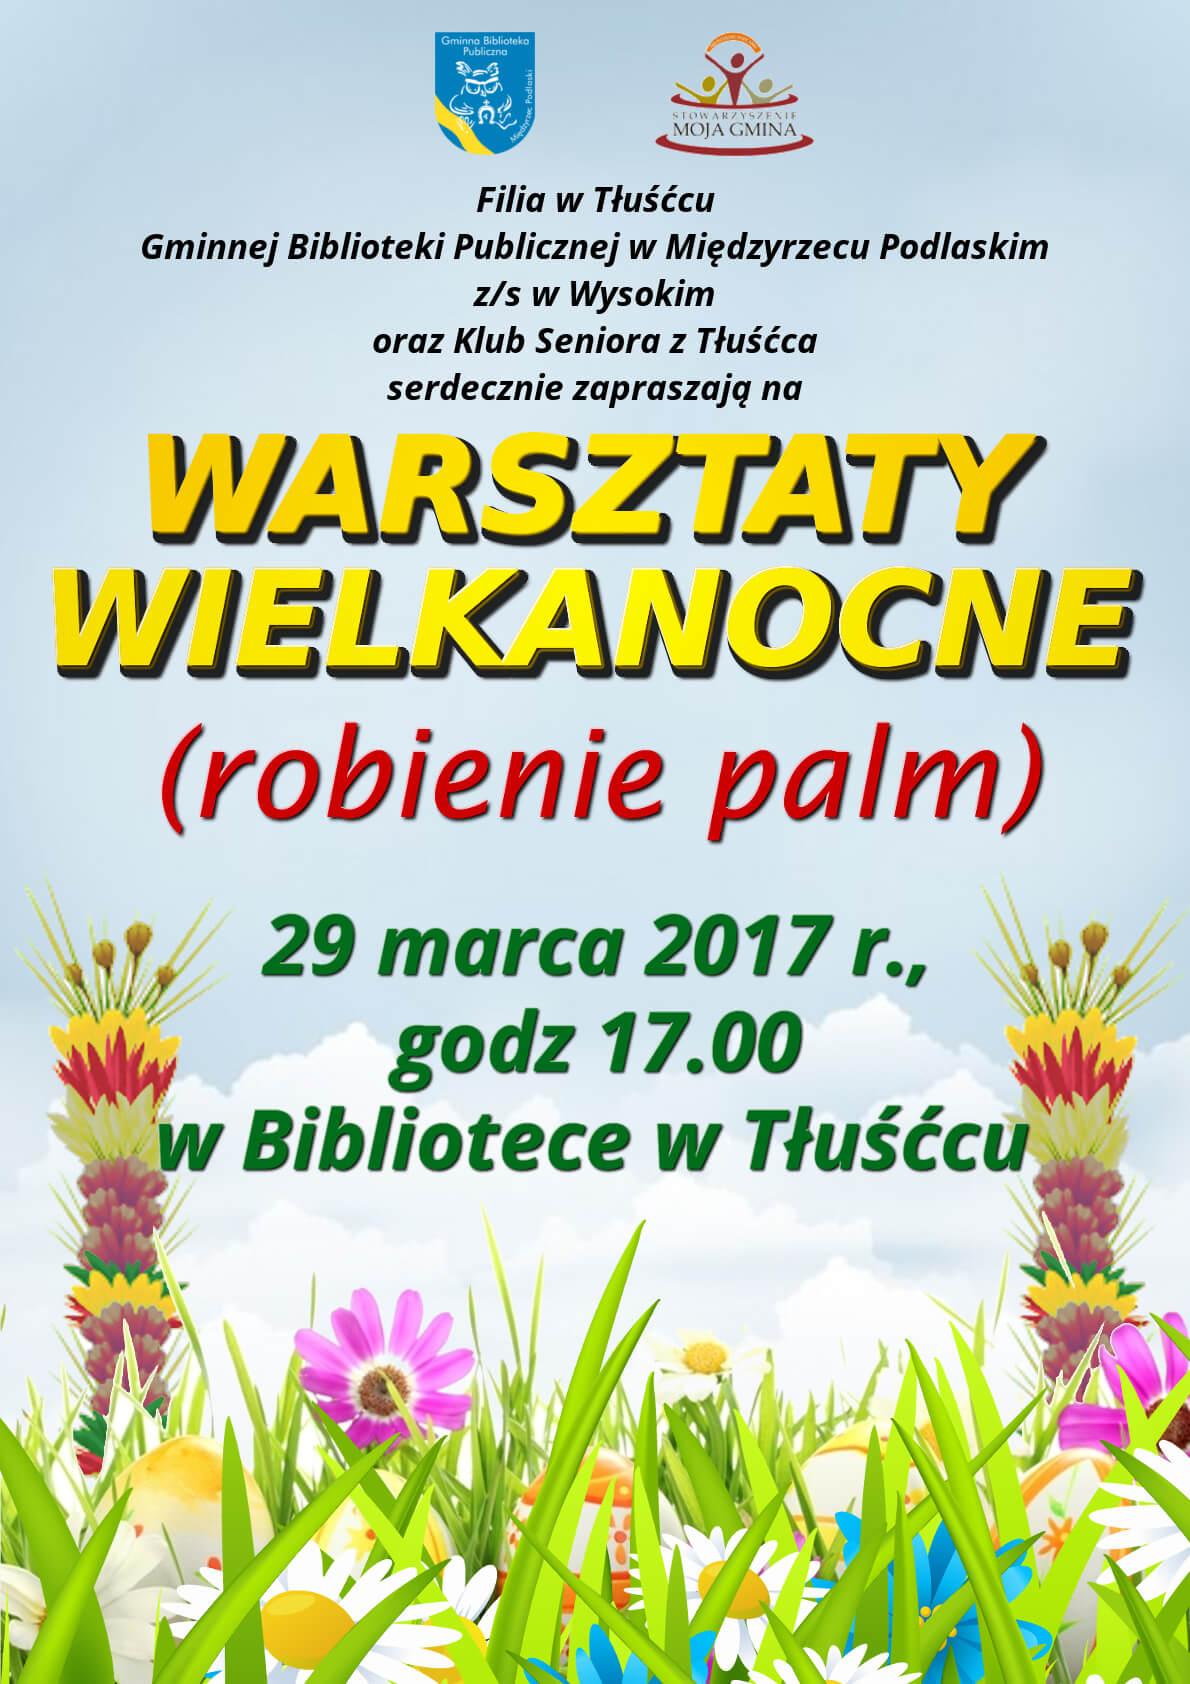 warsztaty Wielkanocne-palmy (2)